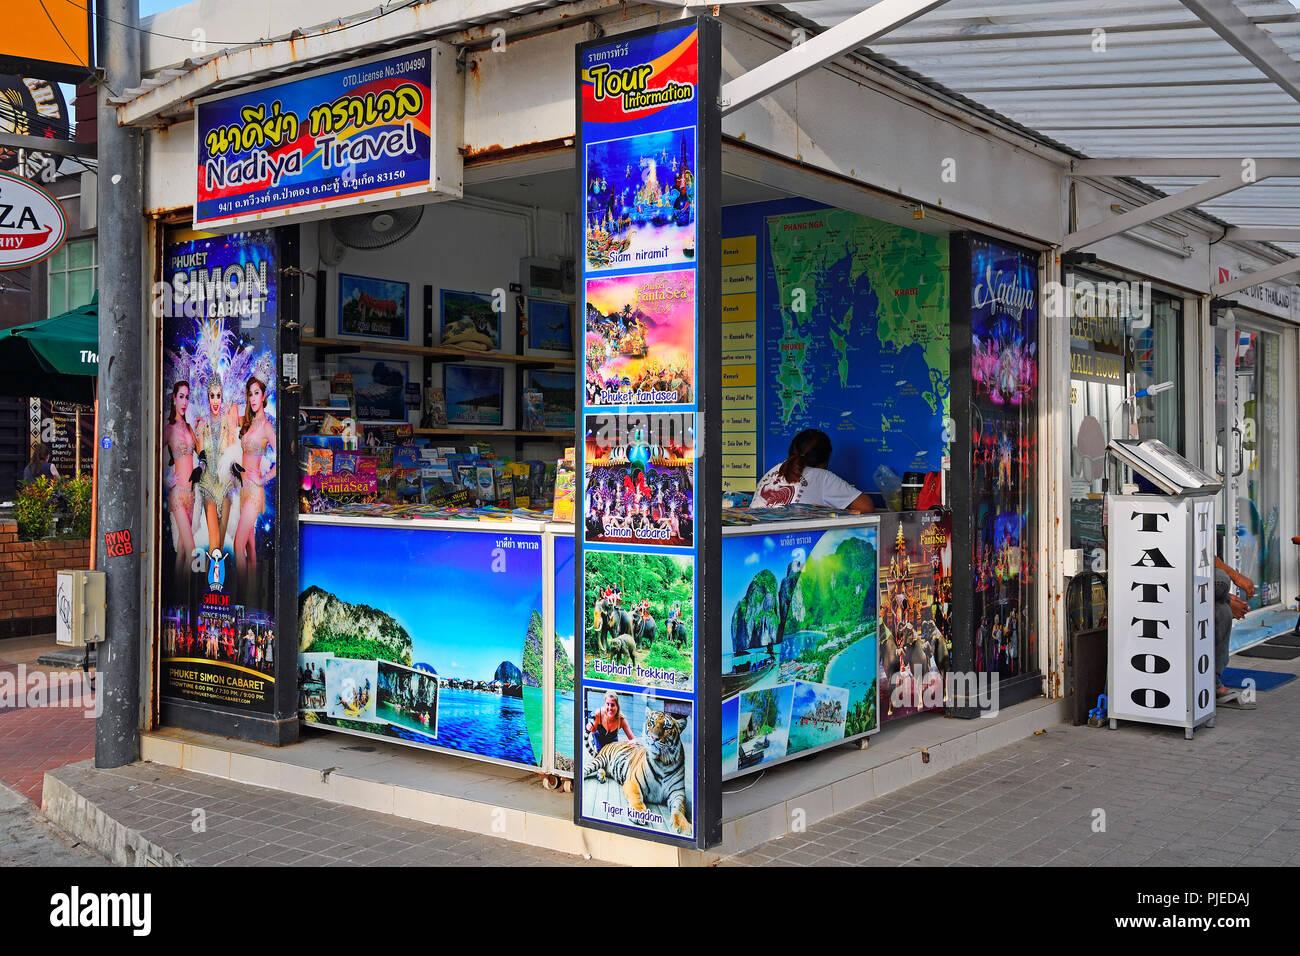 Estado típico de la calle para la reserva de tours y excursiones, Patong Beach, Phuket, Tailandia, typischer Straßenstand für die Buchung von Touren ONU Foto de stock